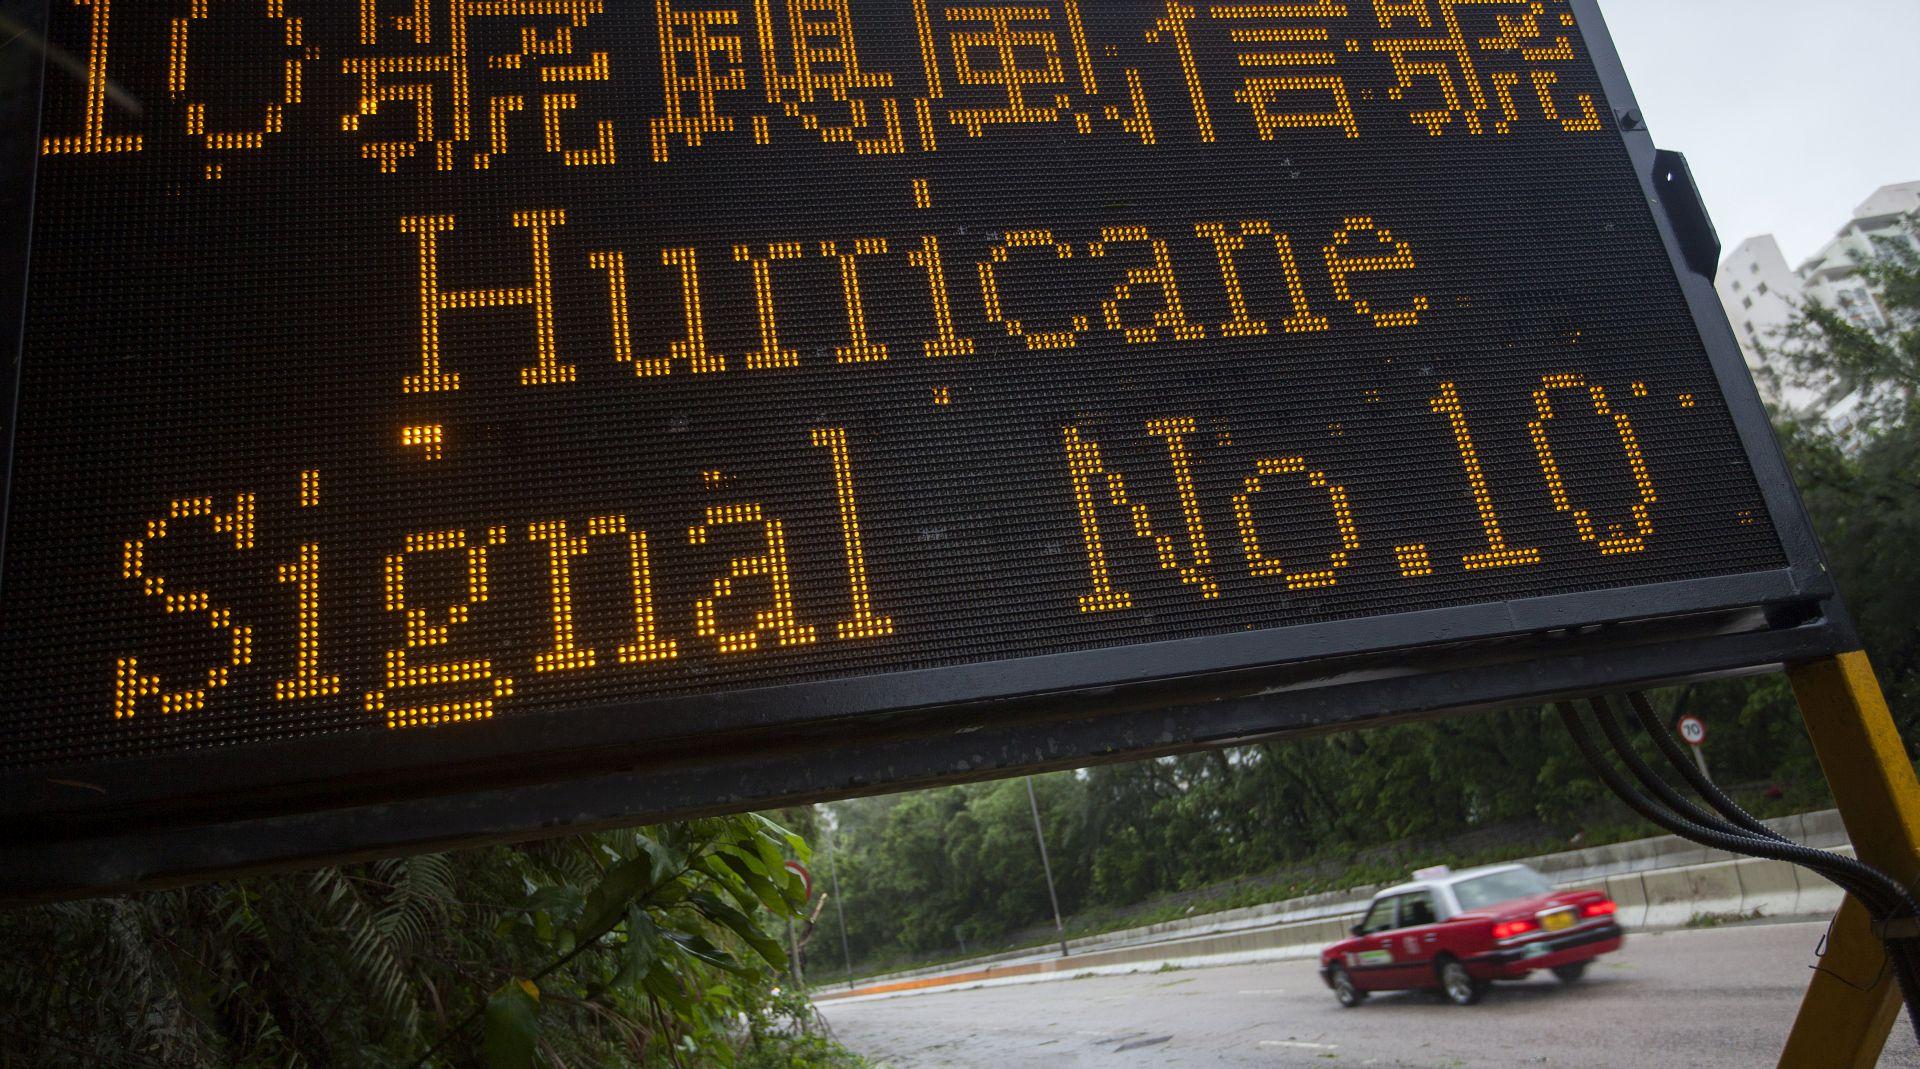 Tajfun Hato u Hong Kongu i Macau usmrtio najmanje 12 osoba